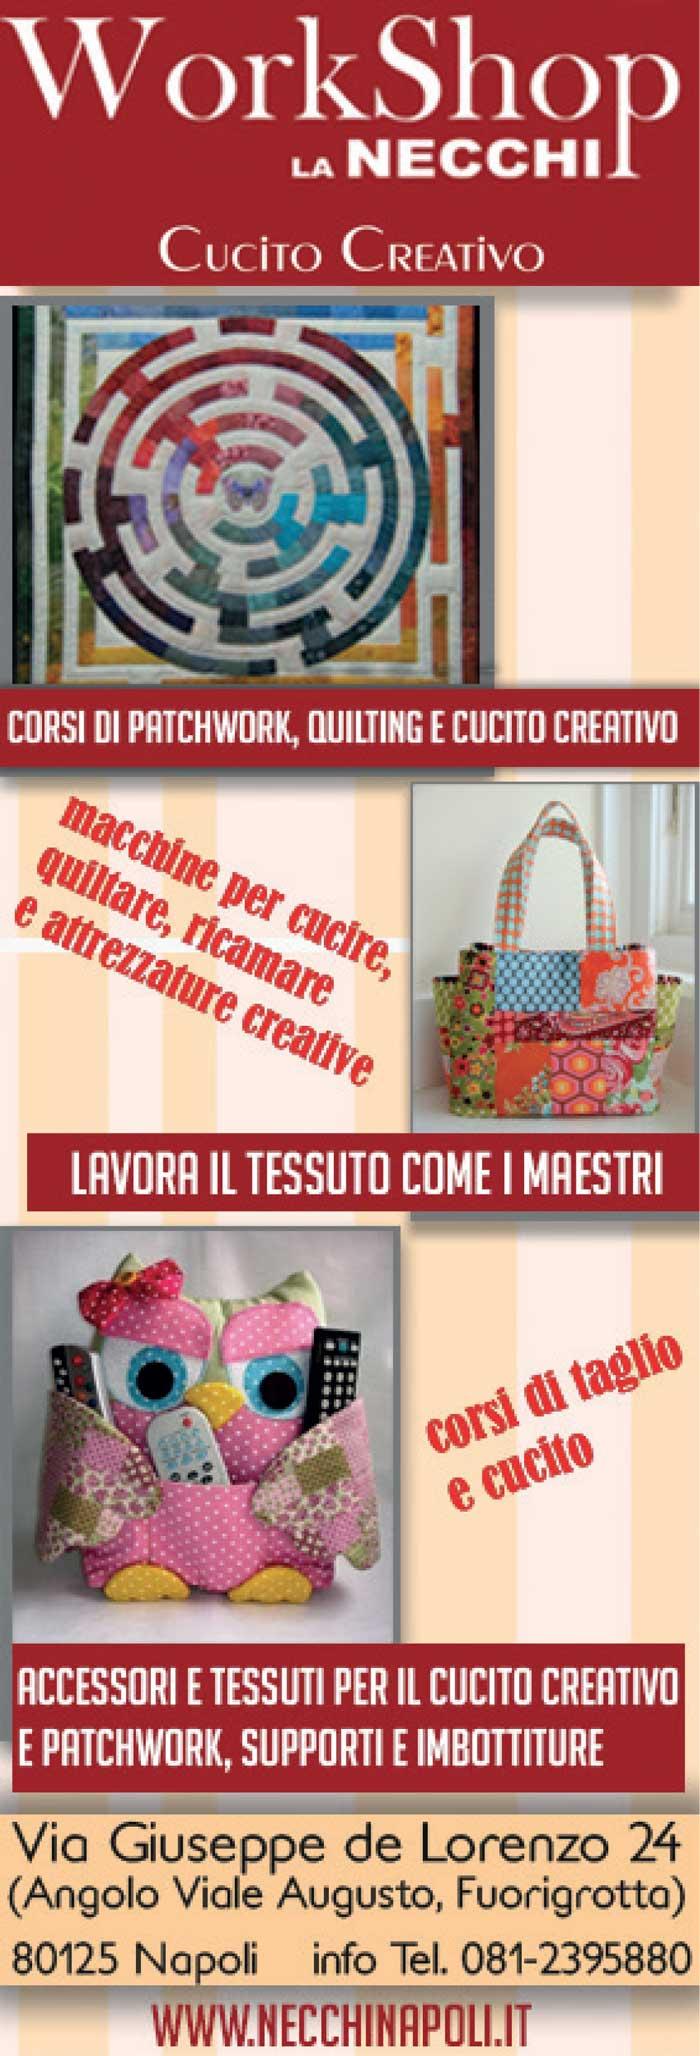 Workshop La Necchi - corsi di patchwork, cucito creativo, quilting, accessori per tessuti, cucito creativo